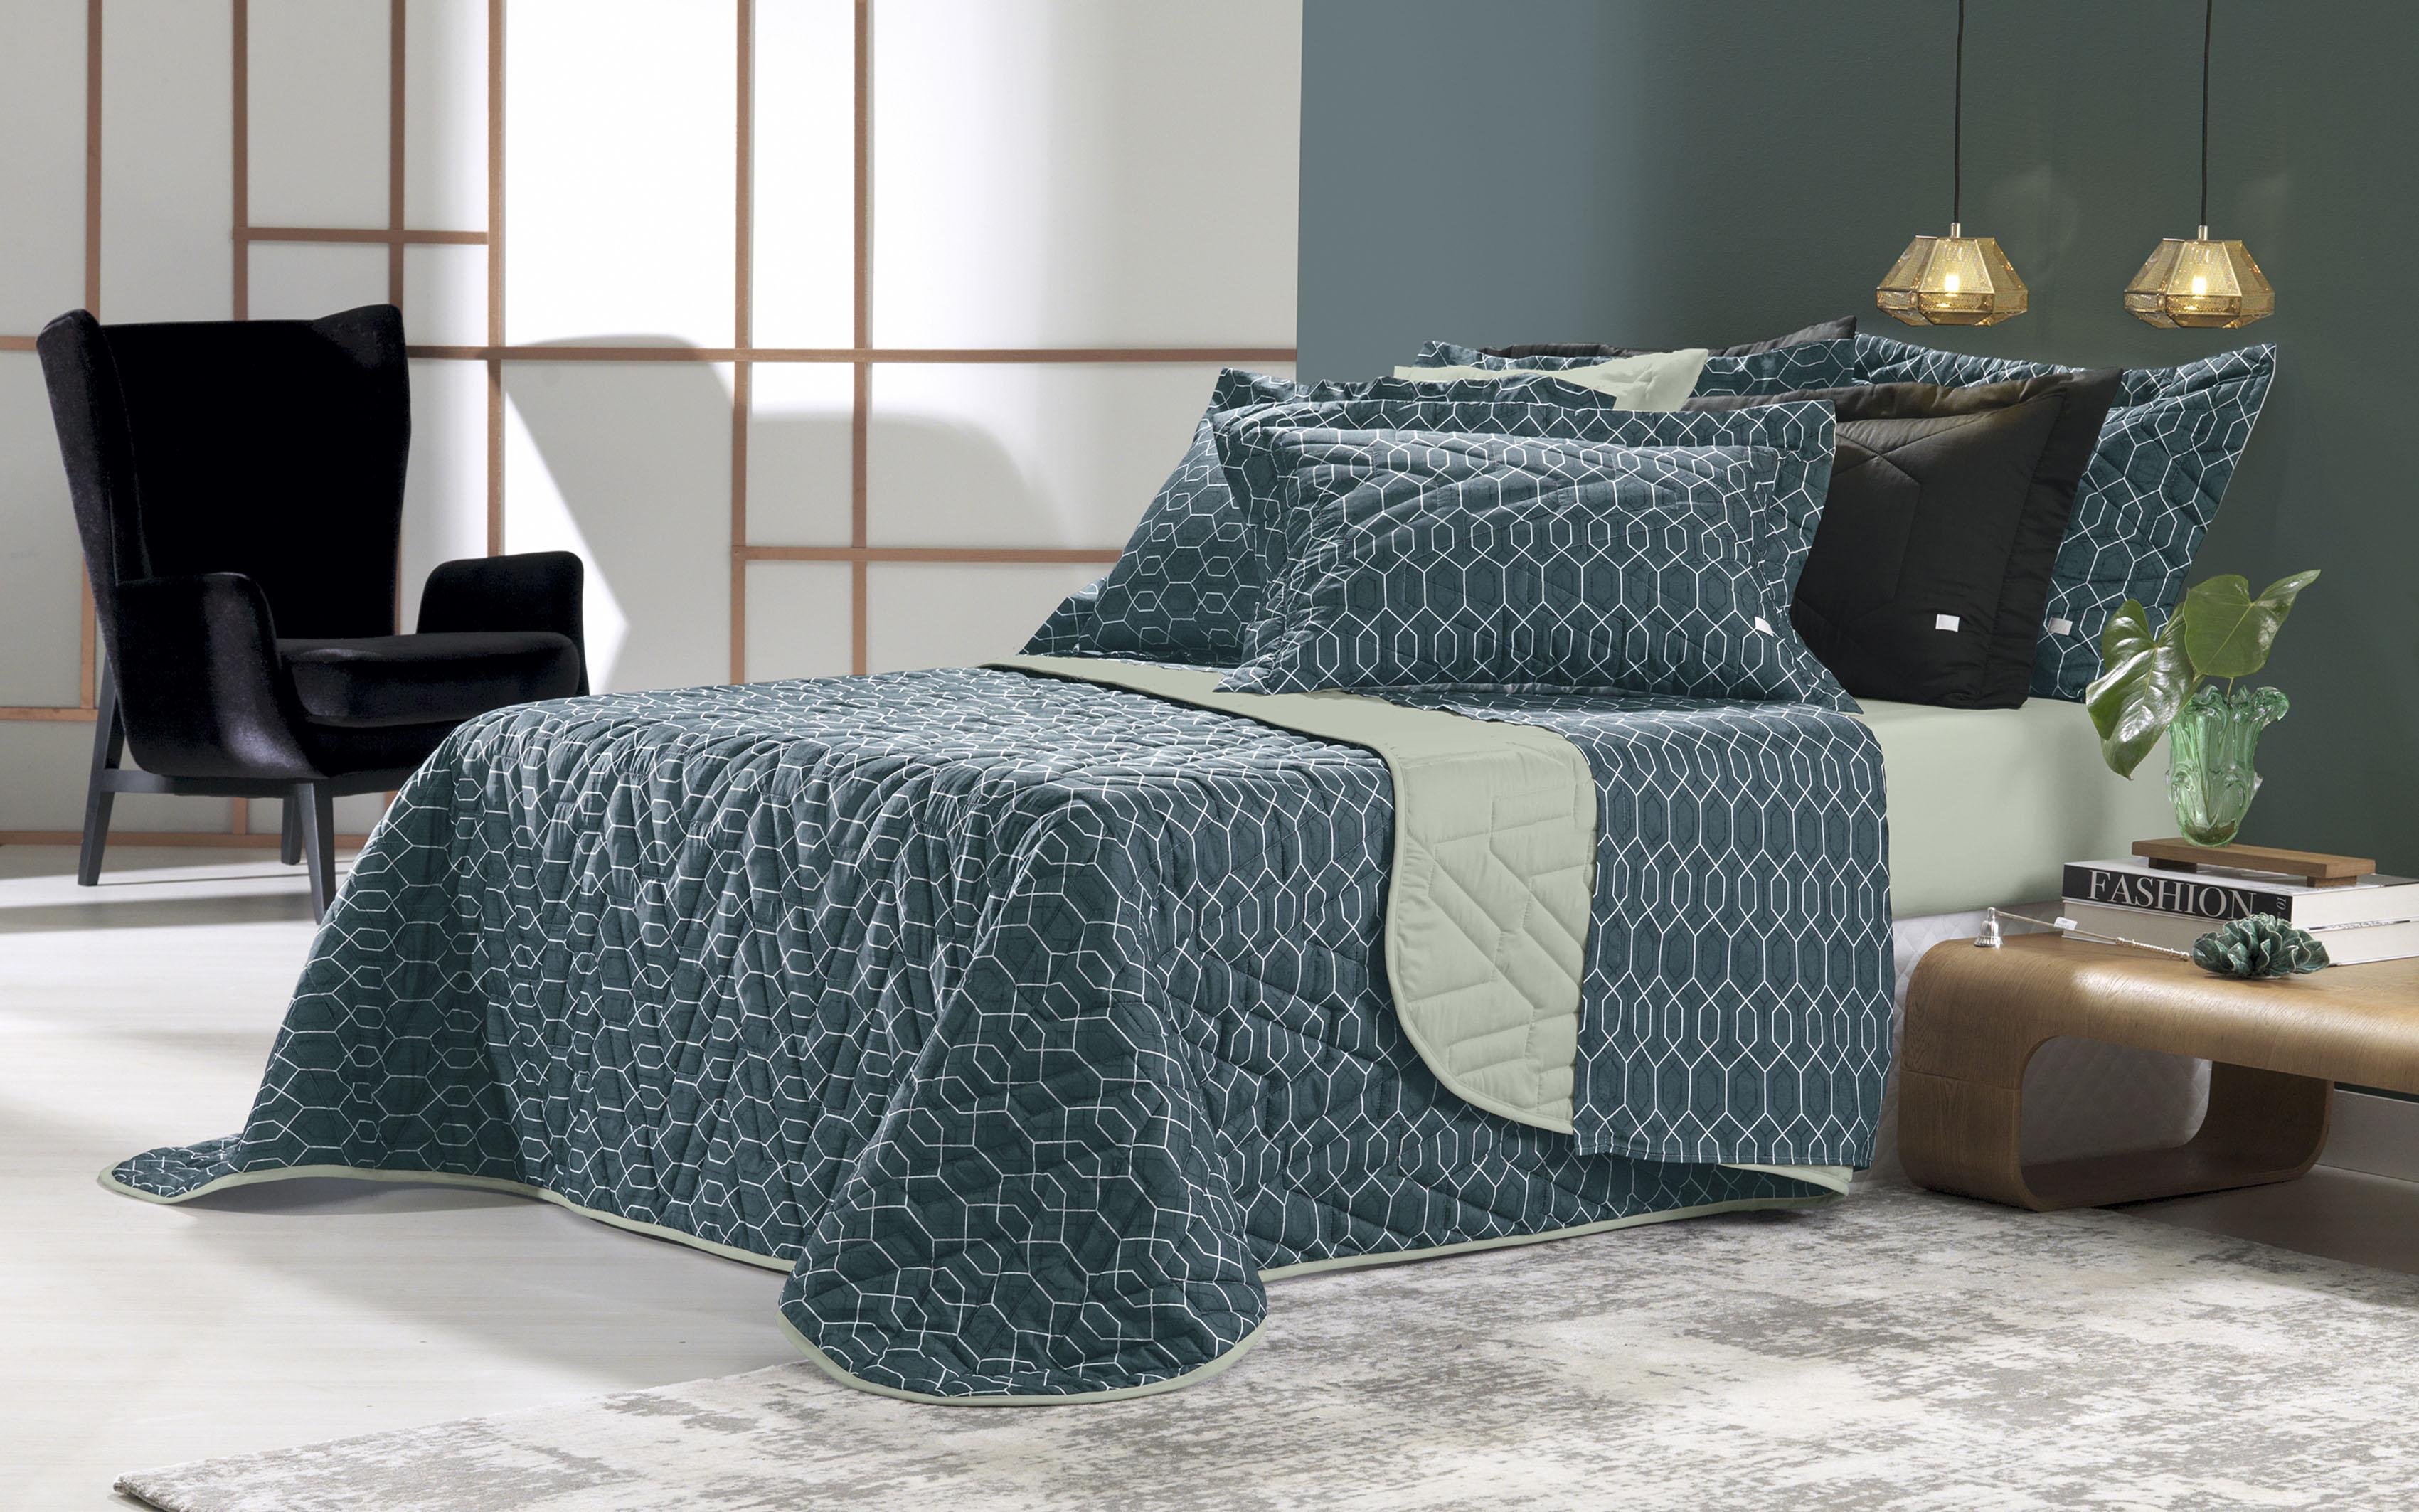 Você sabia? Fibra extraída da madeira proporciona mais suavidade às roupas de cama